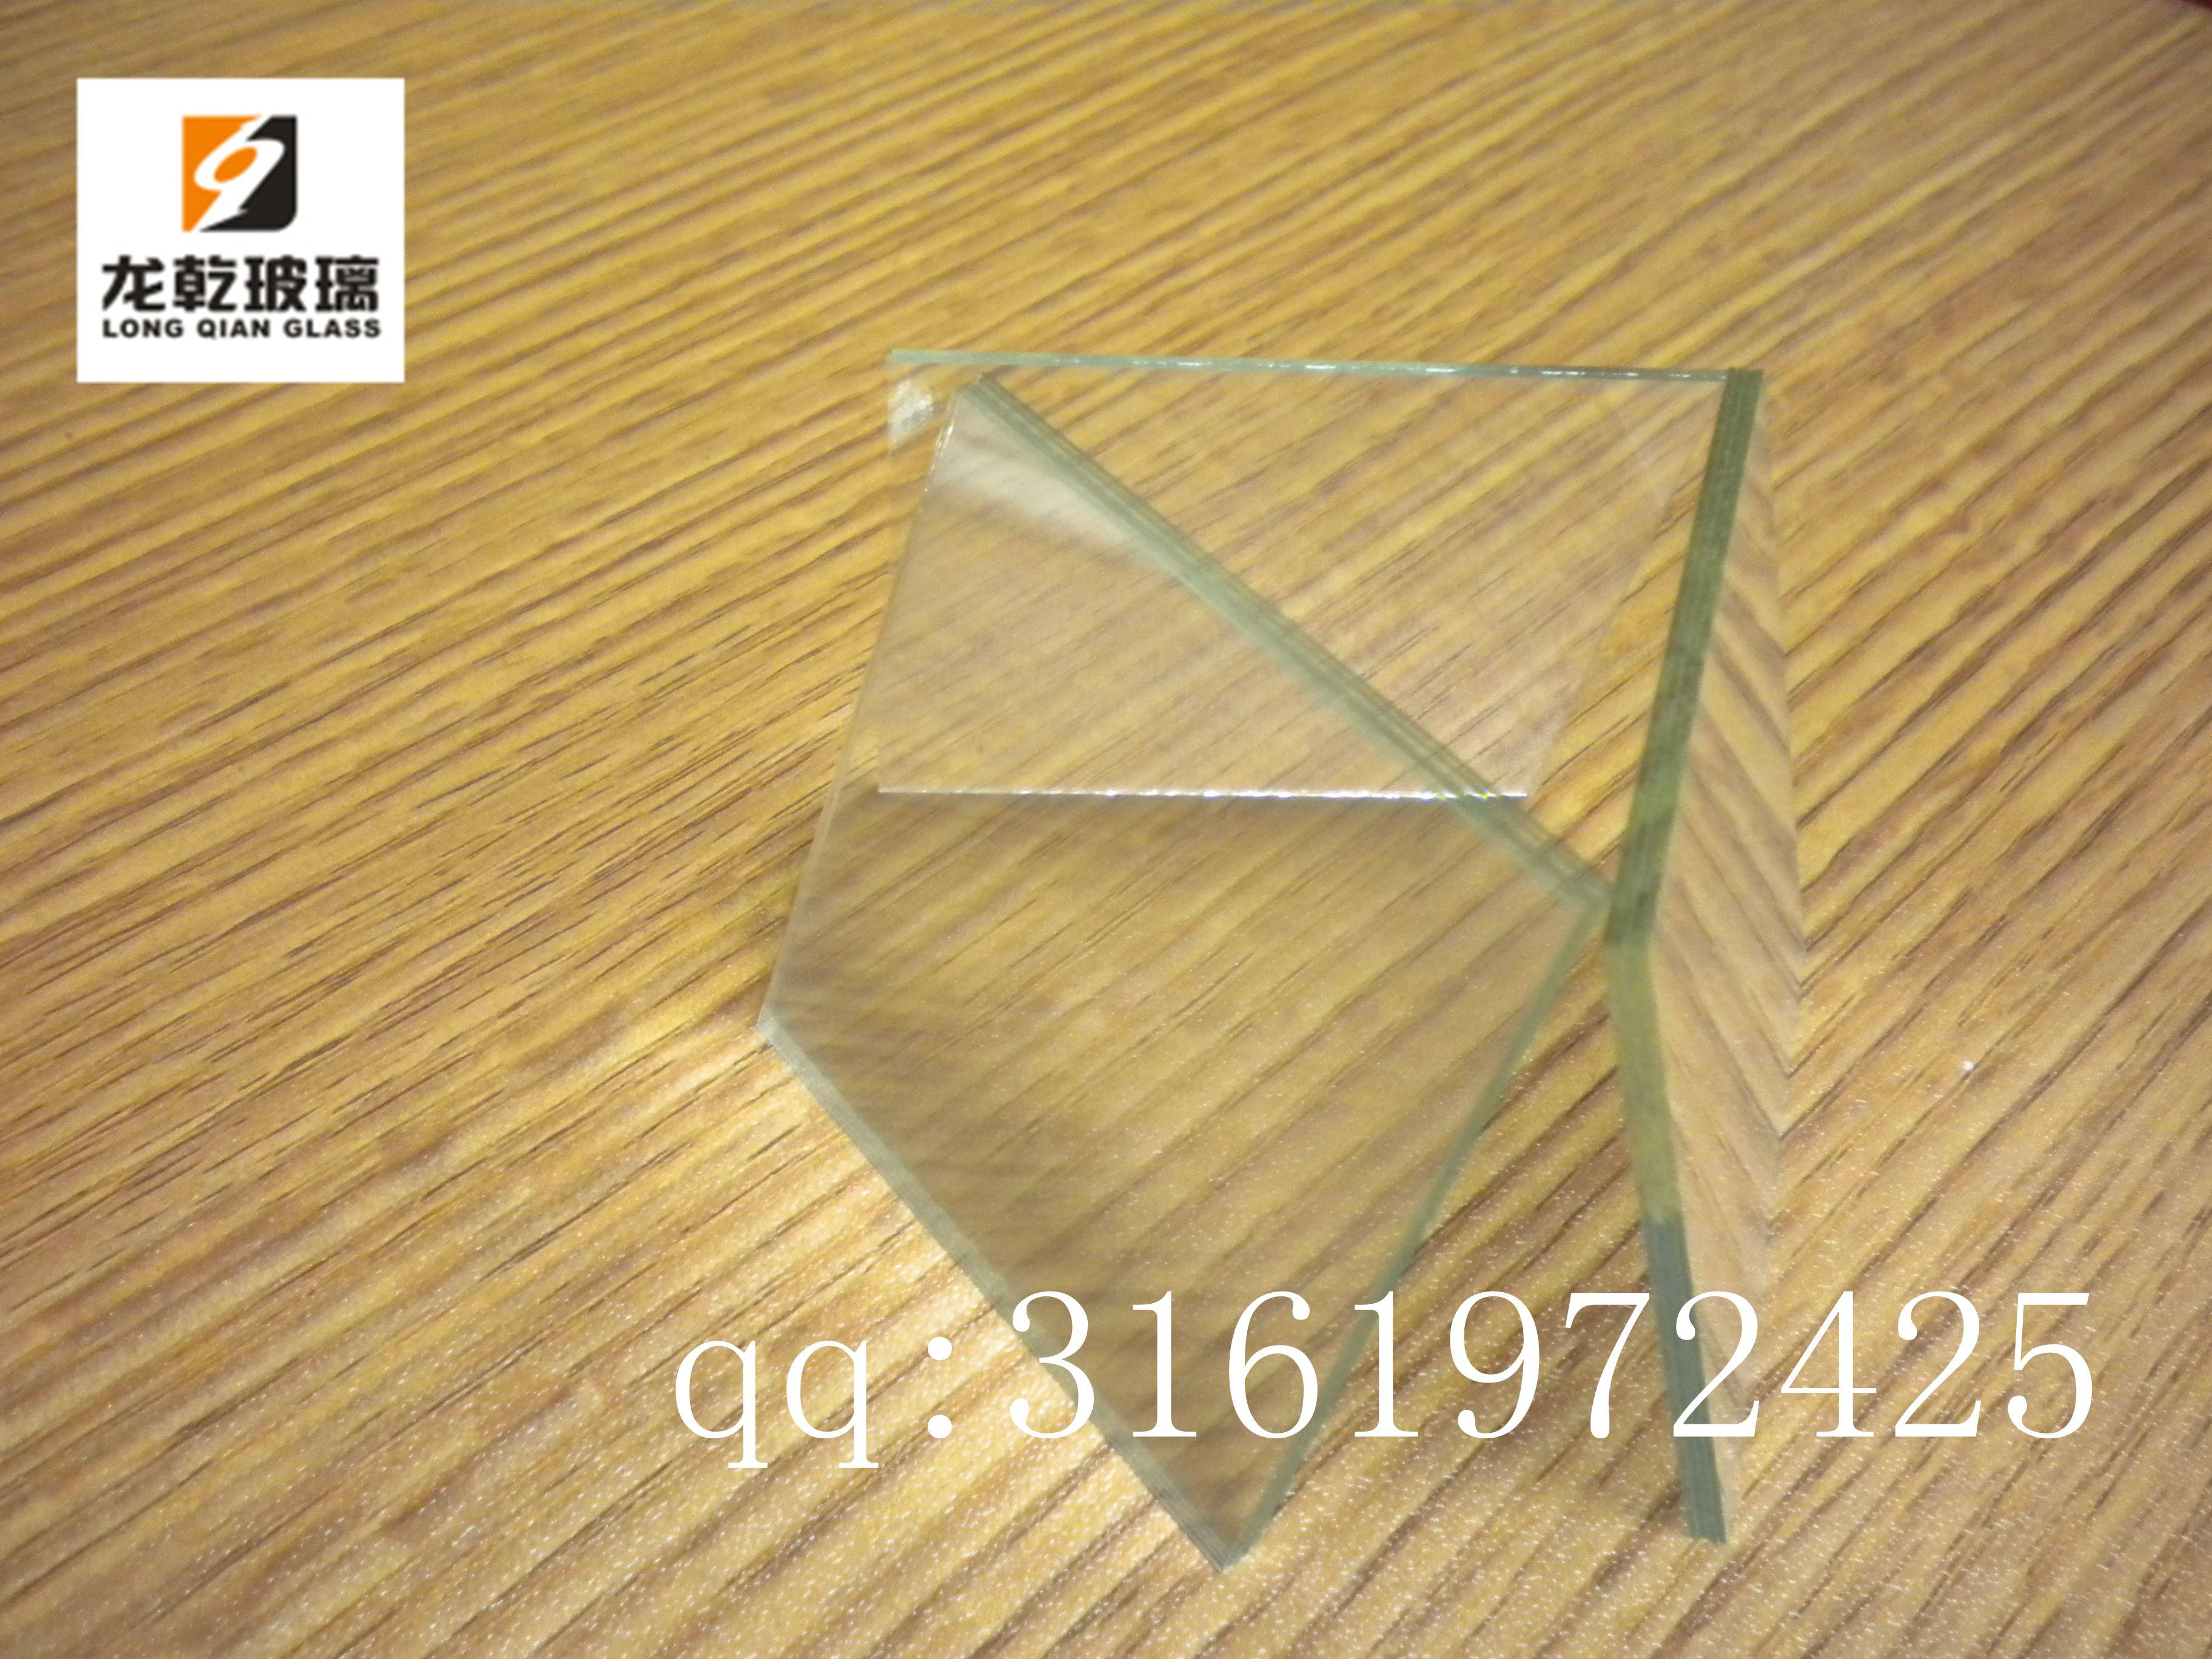 全国各地实验室用超薄浮法玻璃改切小片